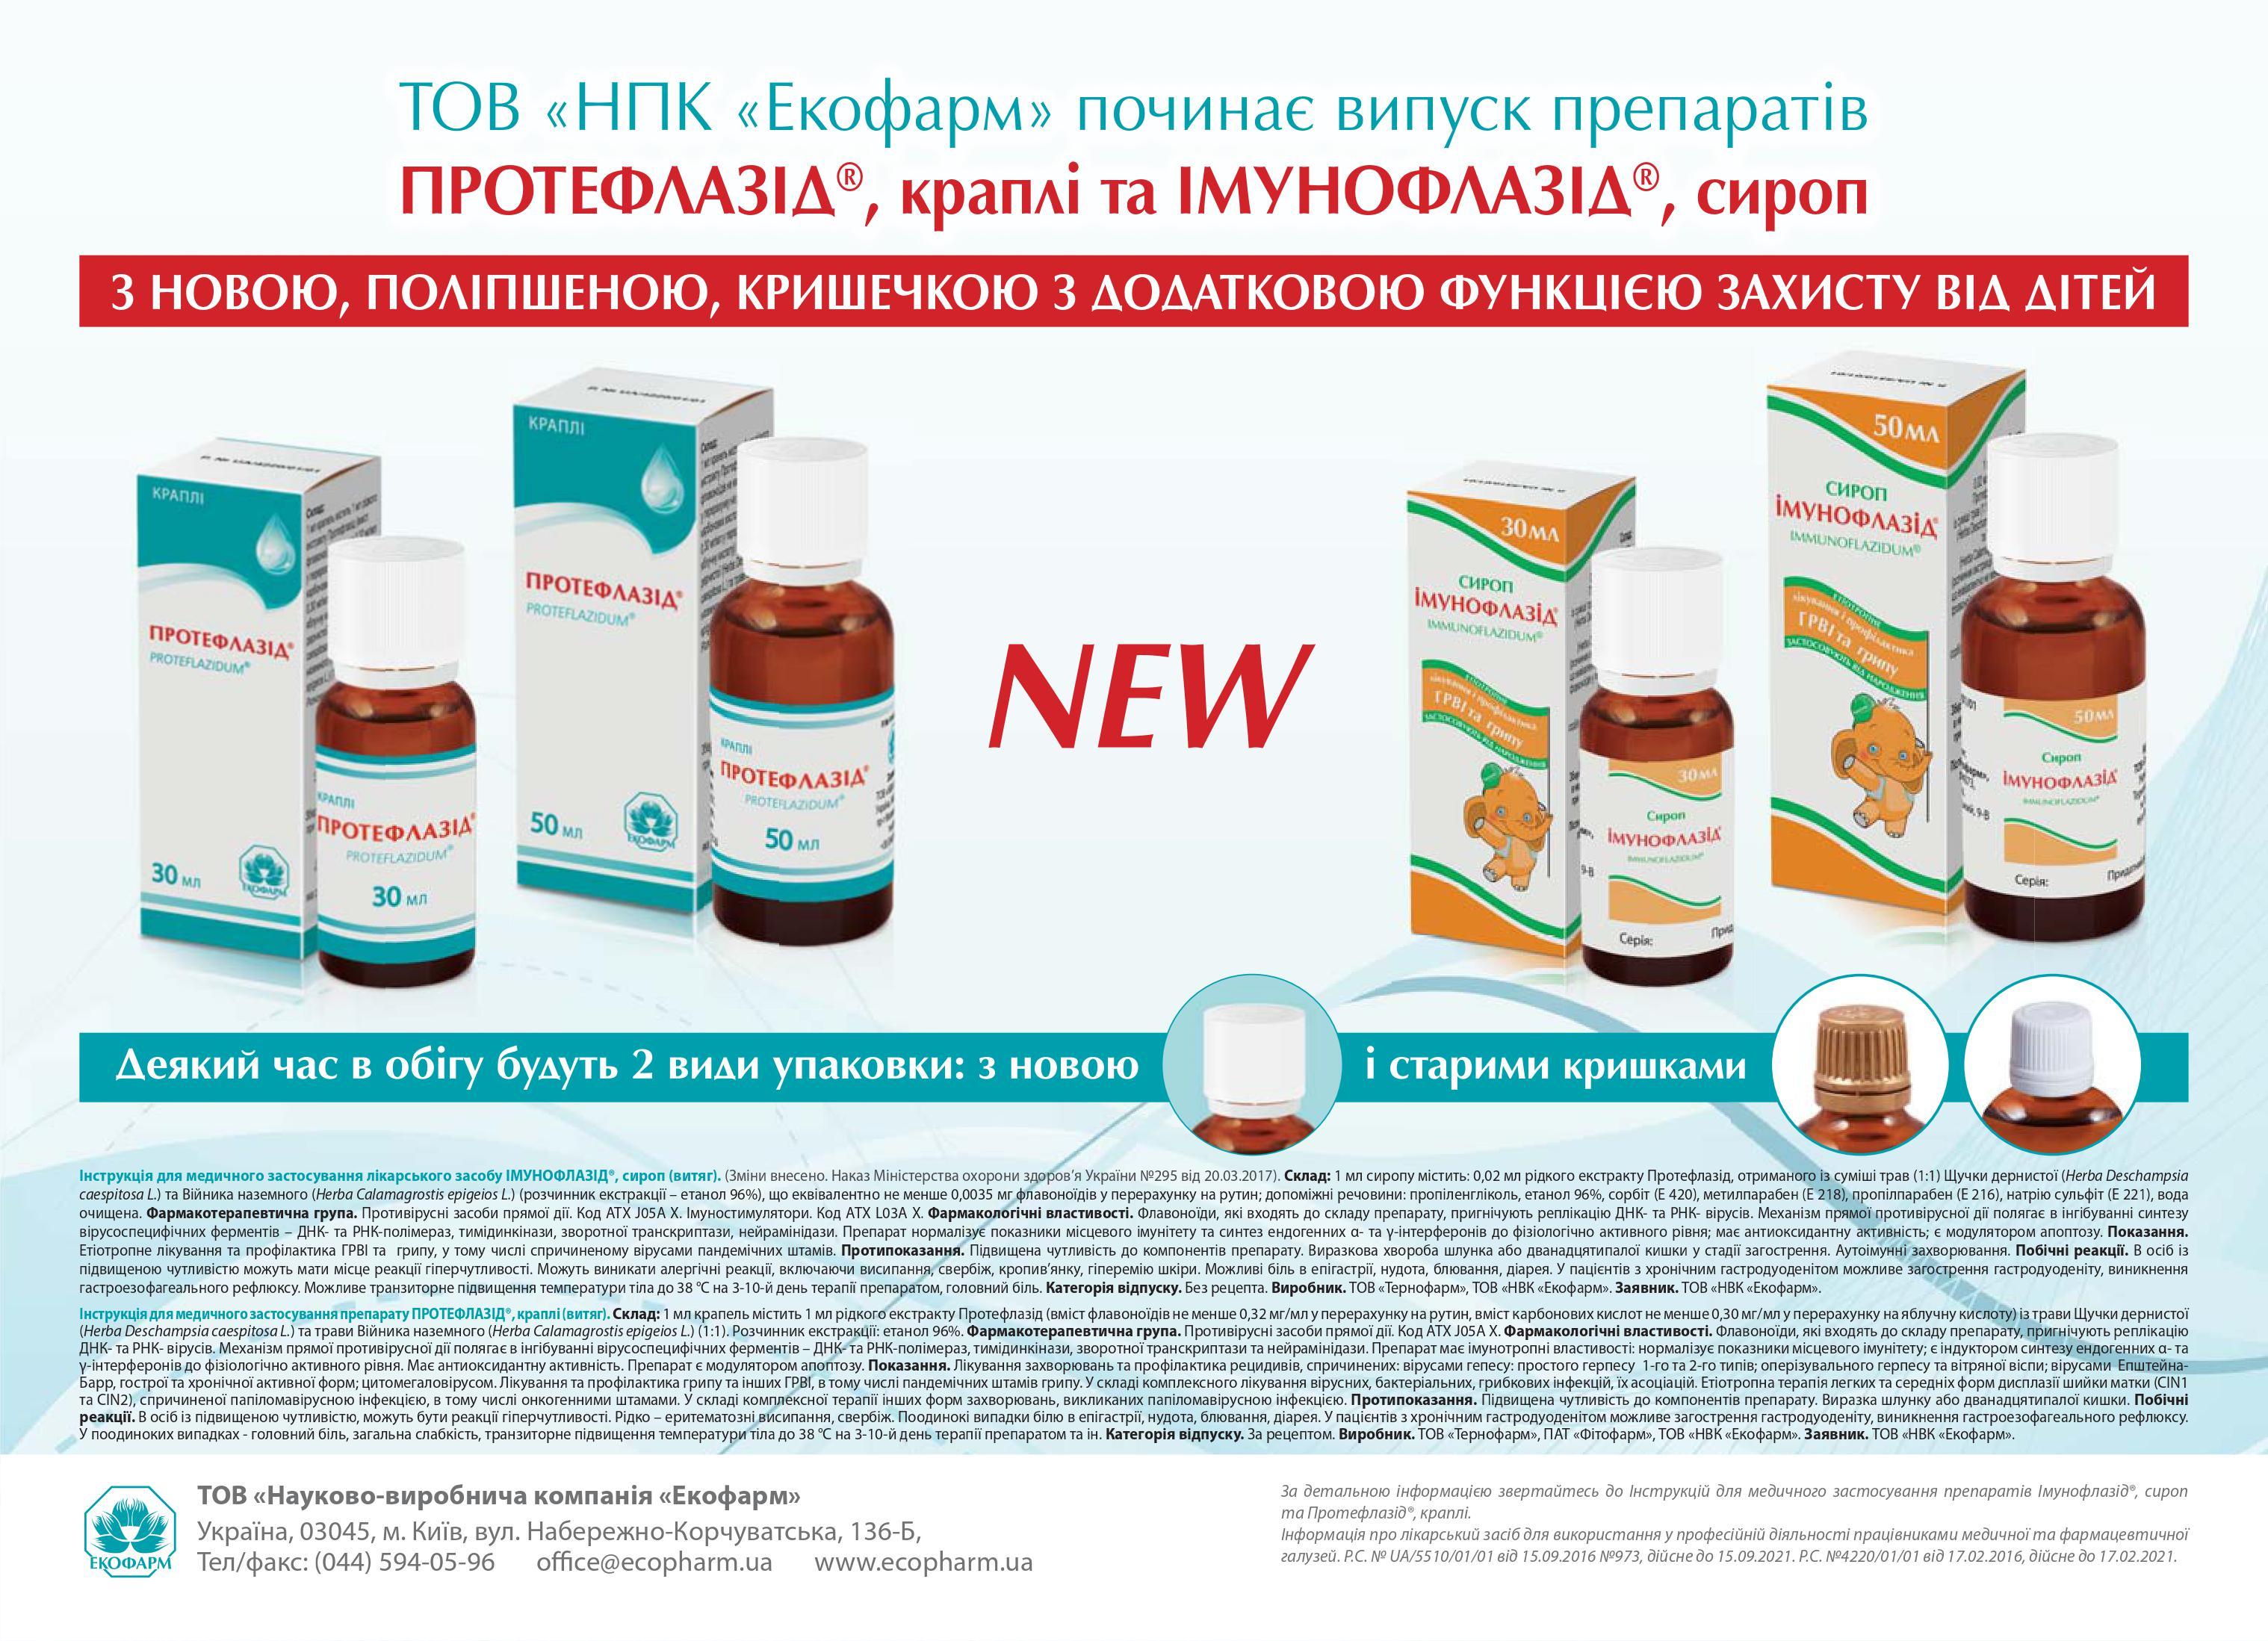 Компанія ТОВ «НВК «Екофарм» поліпшила упаковки препаратів